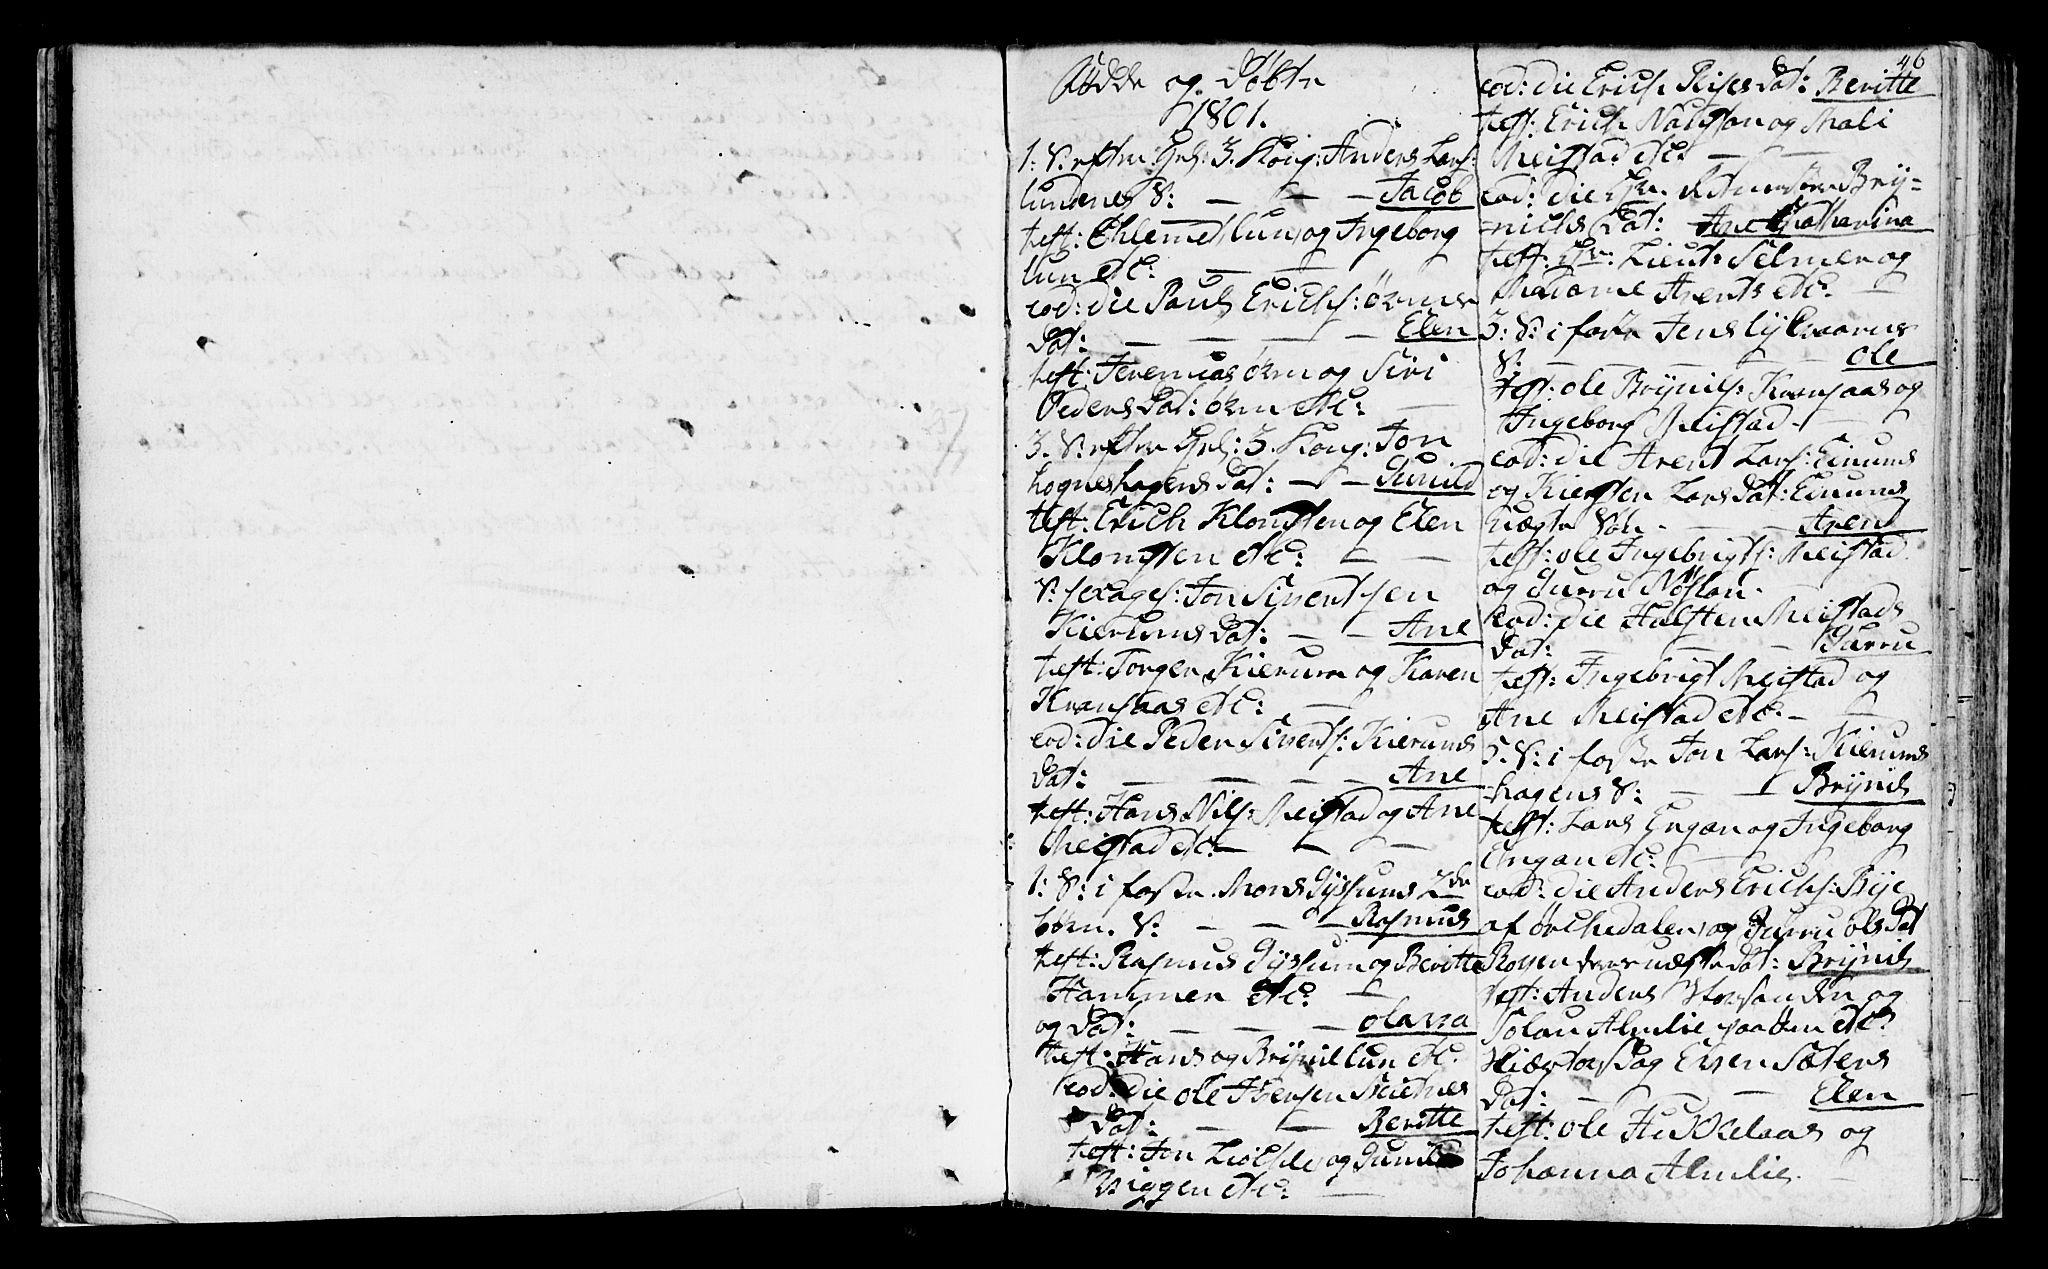 SAT, Ministerialprotokoller, klokkerbøker og fødselsregistre - Sør-Trøndelag, 665/L0768: Ministerialbok nr. 665A03, 1754-1803, s. 46